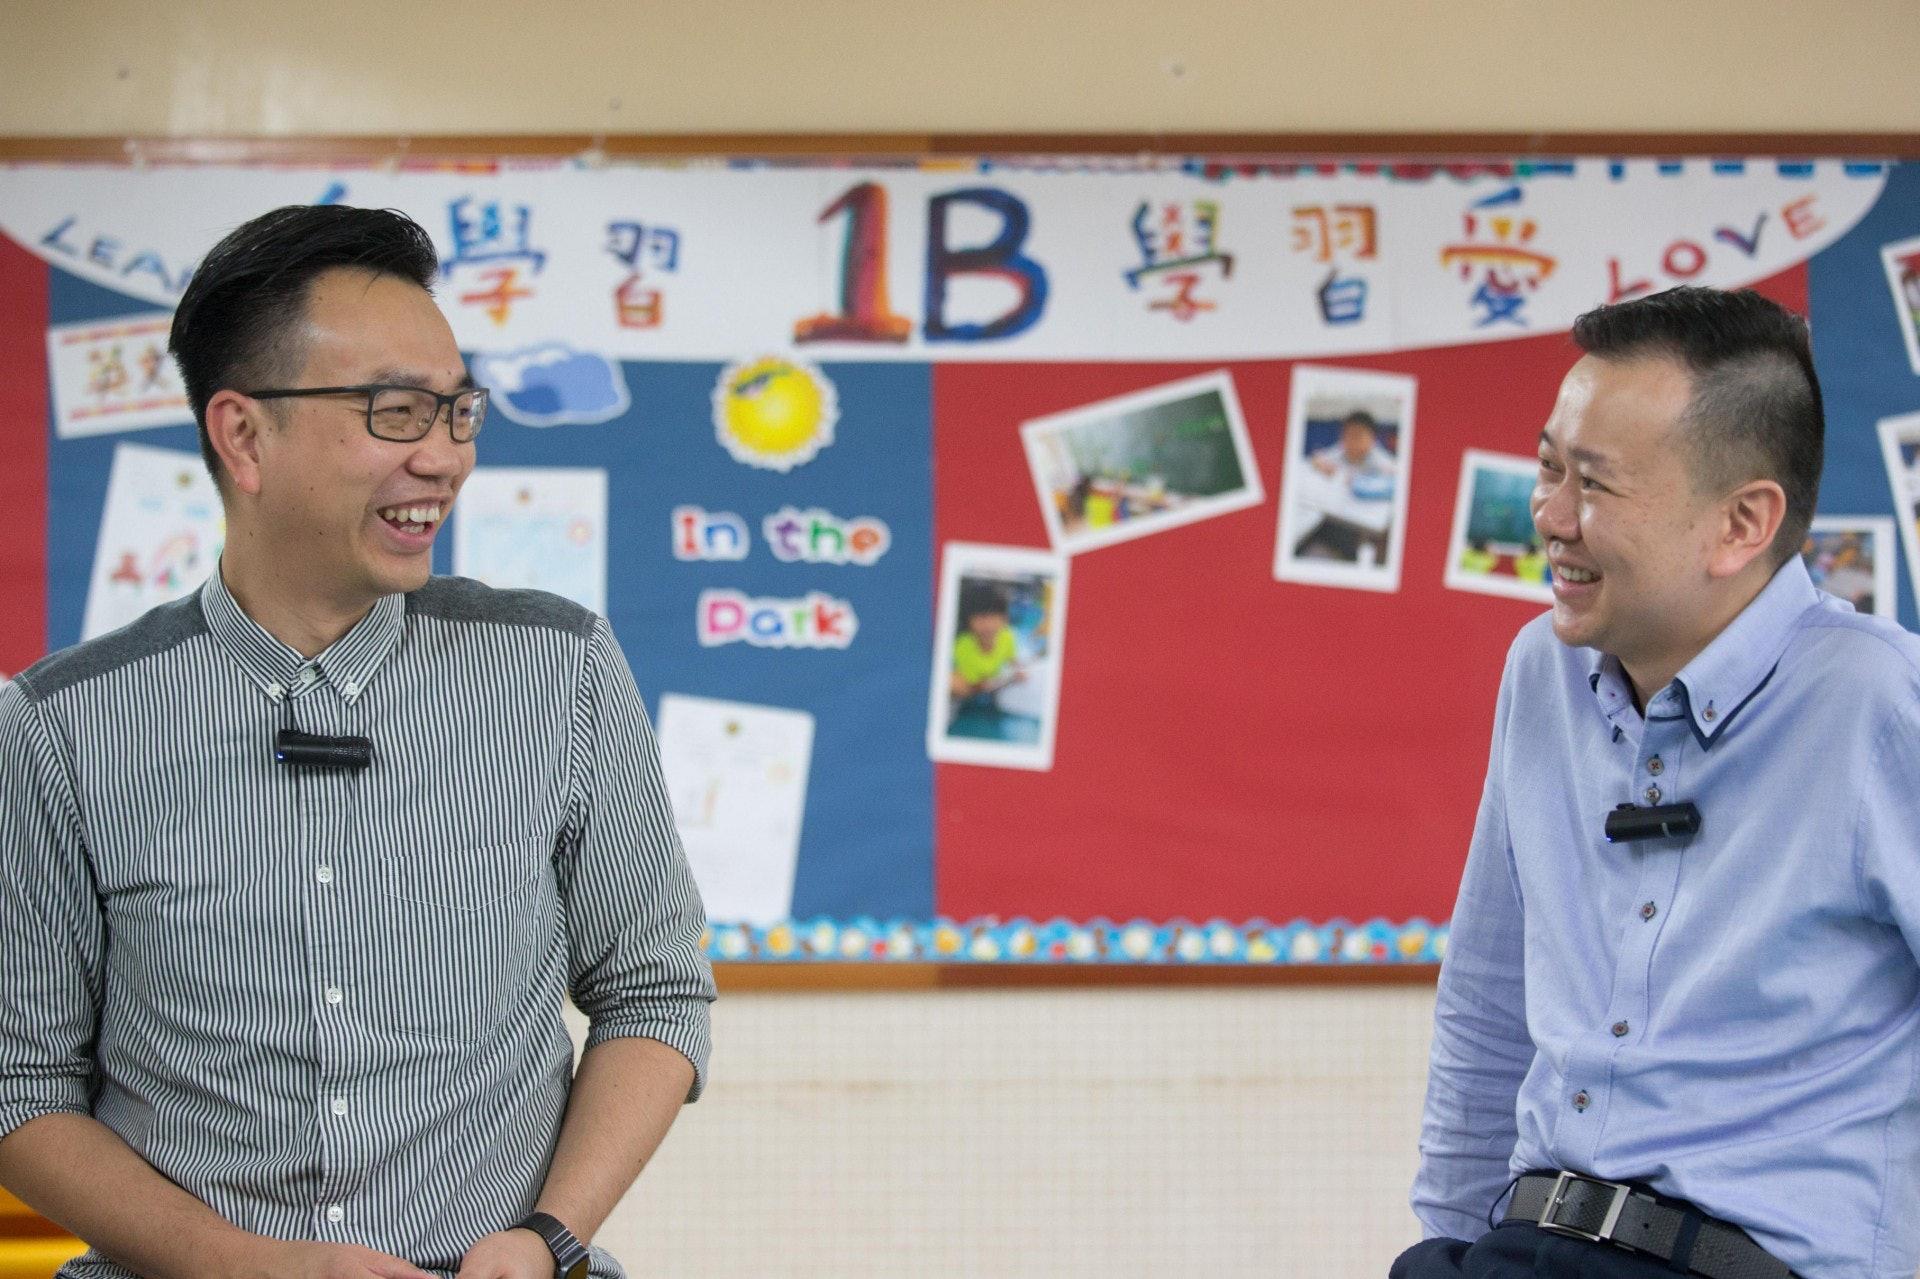 朱子穎(左)的教育理念,獲得馮耀章(右)認同,相信教育不單是考試、測驗或默書,所以馮校長表明上任後不會改。